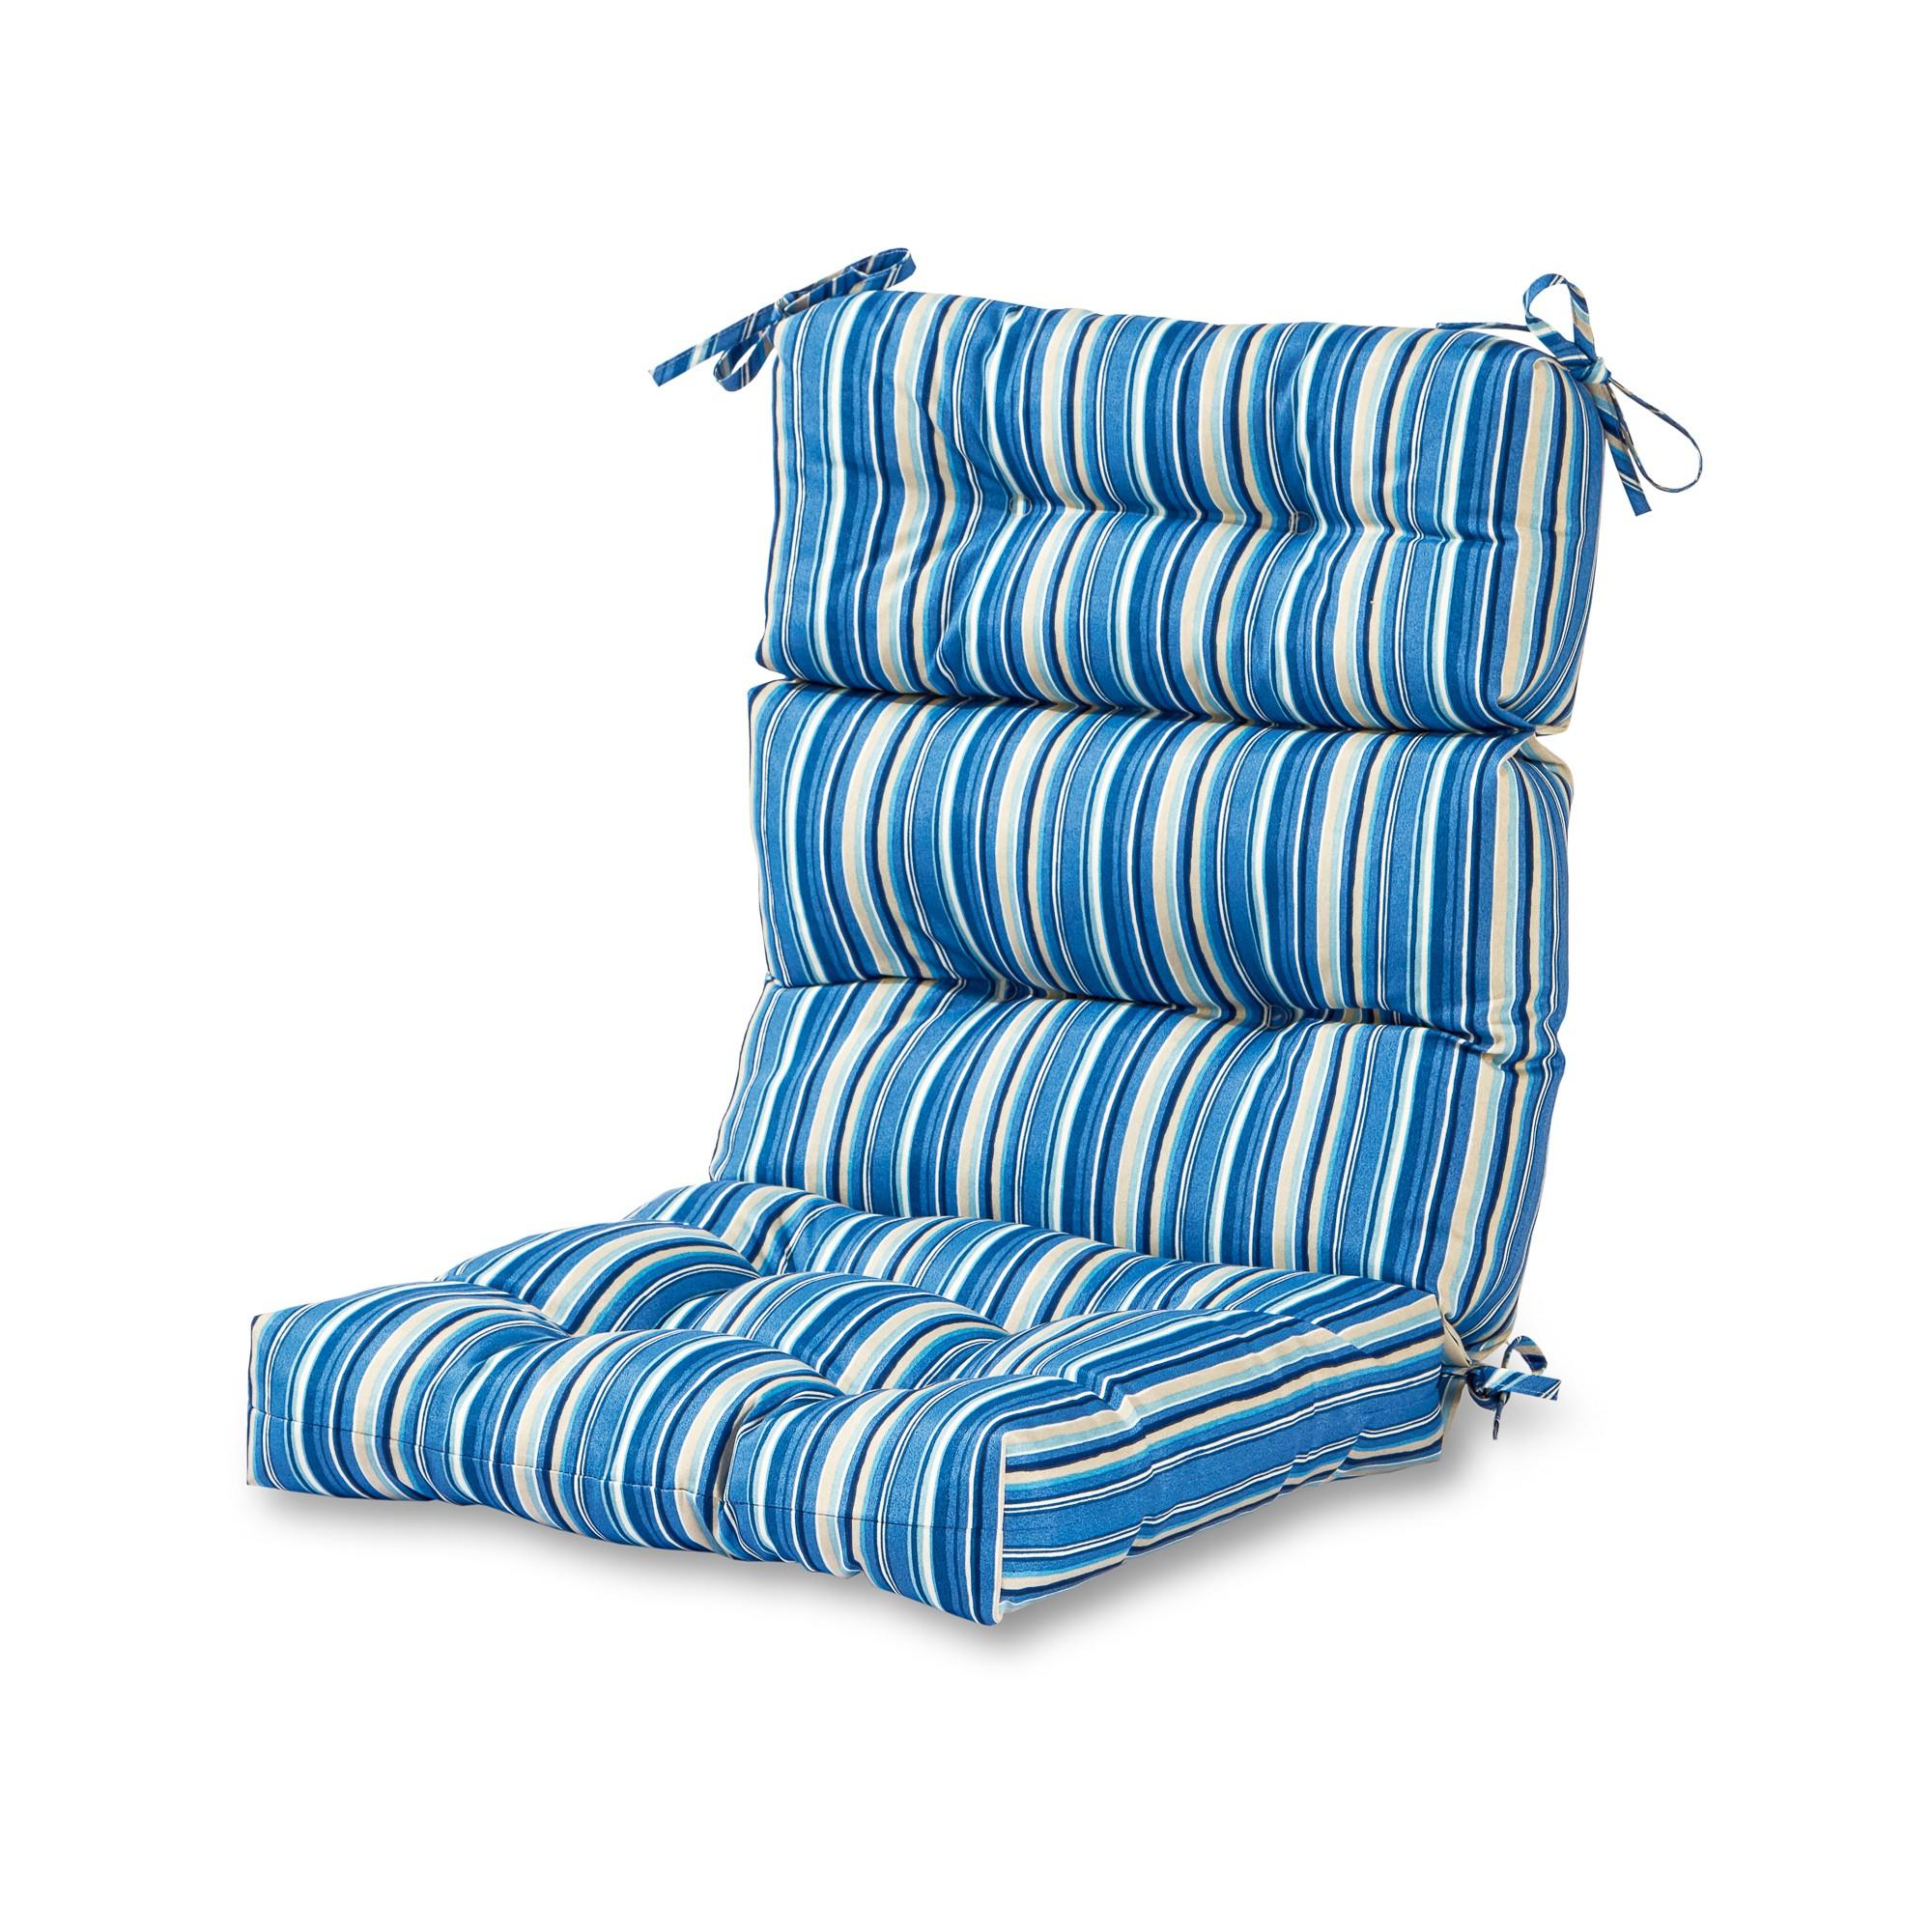 Sapphire Stripe Outdoor High Back Chair Cushion